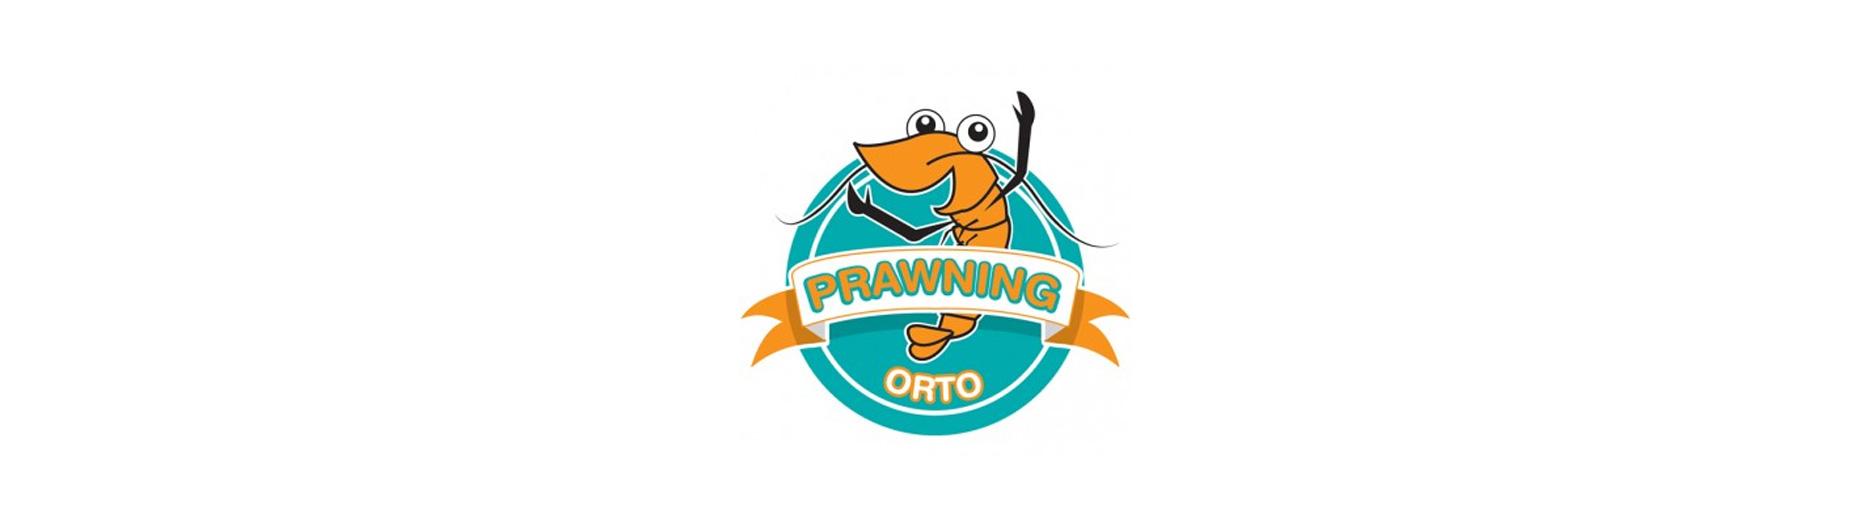 Prawning-at-Orto-Banner